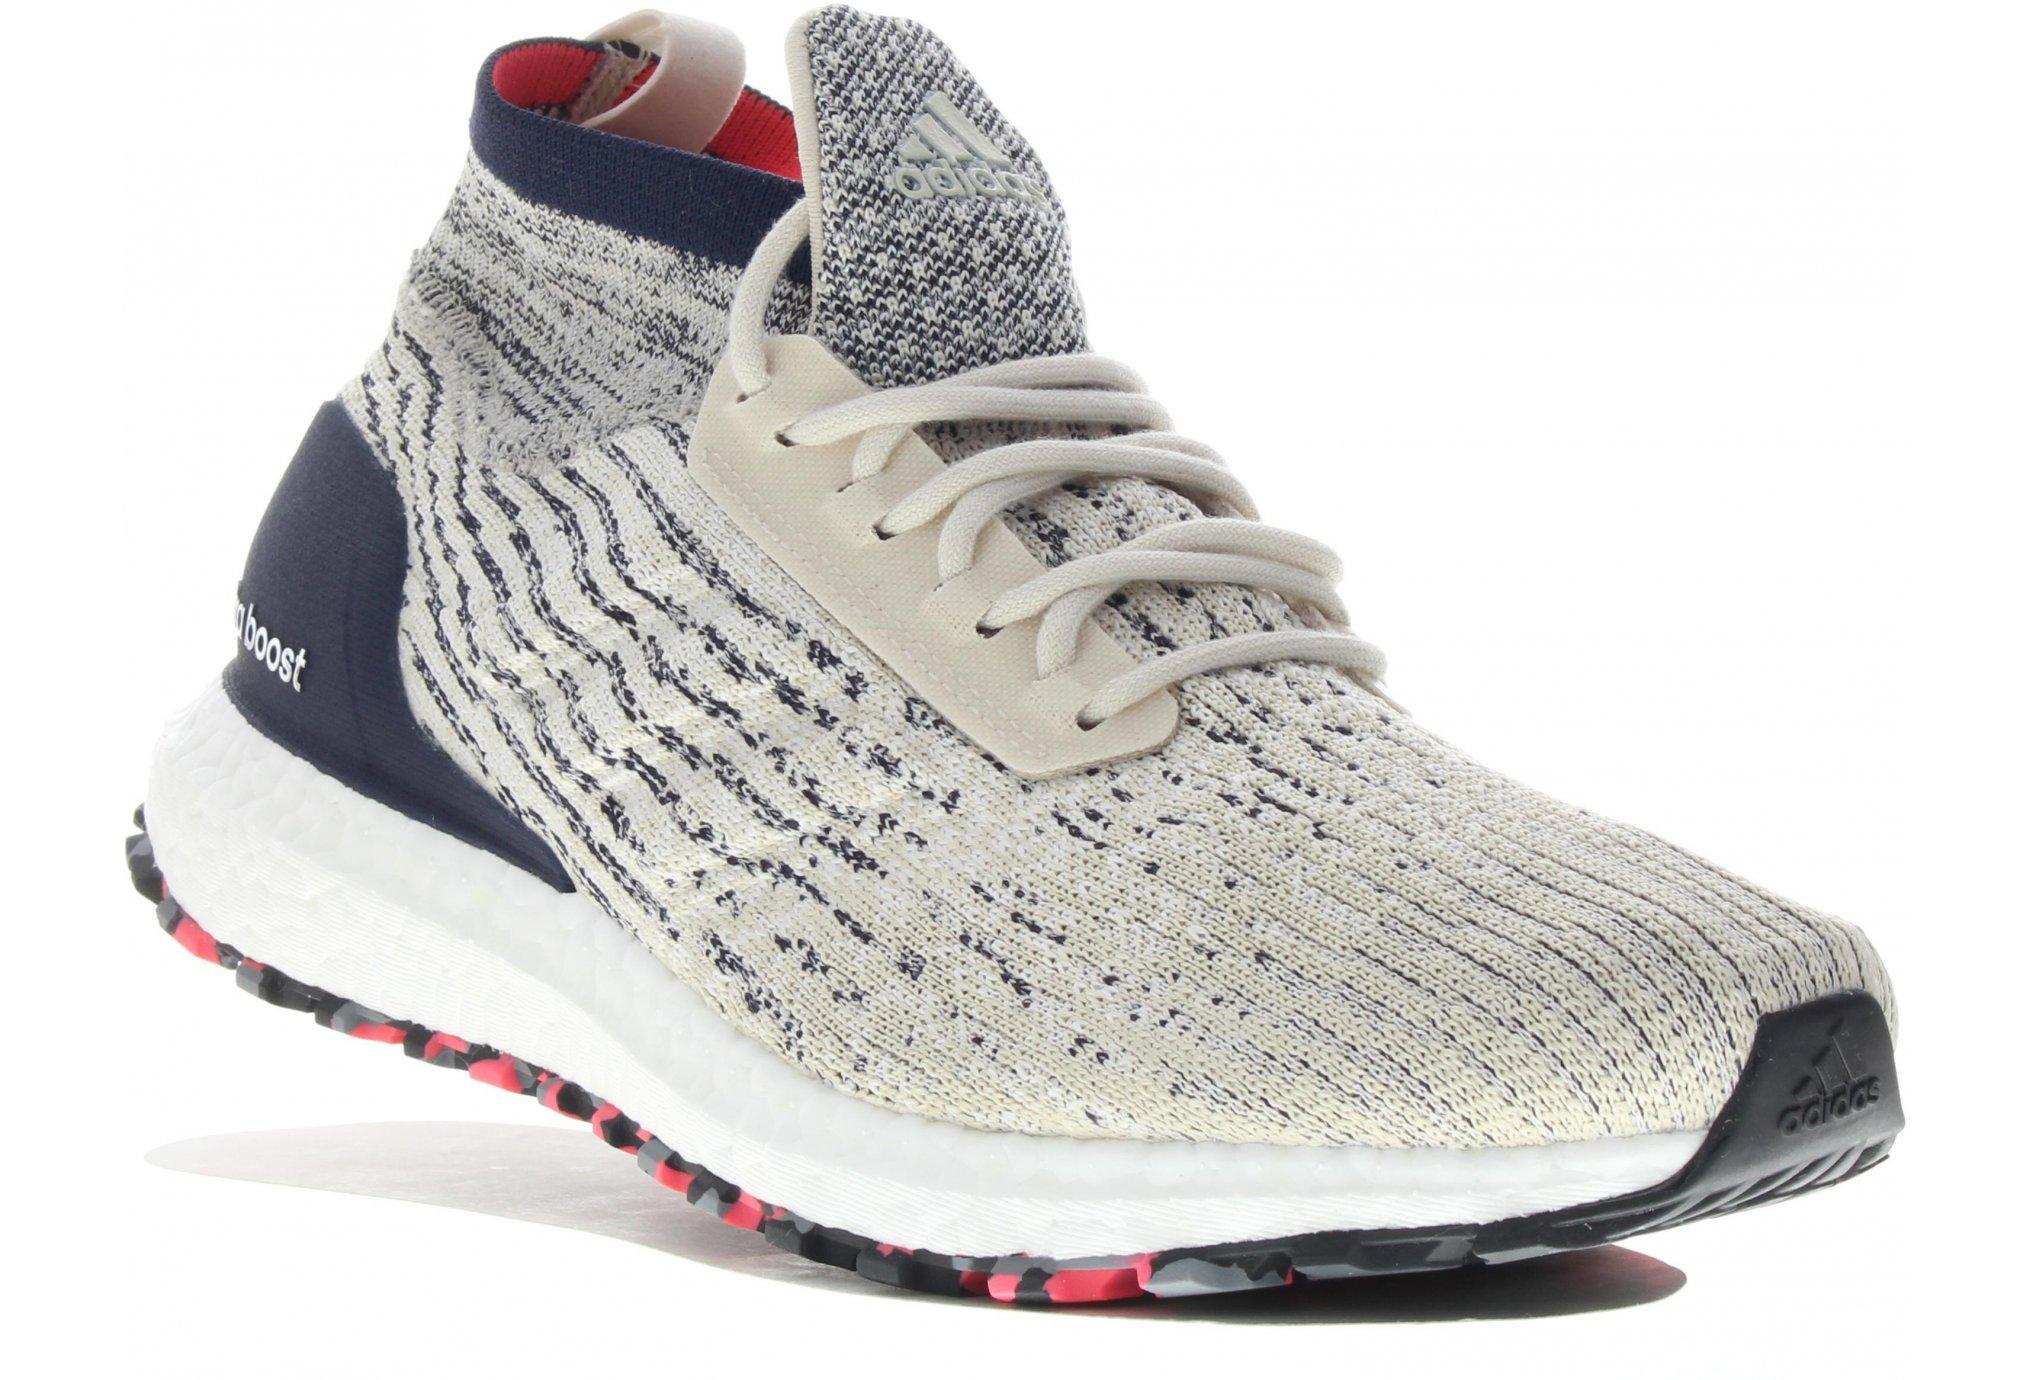 adidas UltraBOOST All Terrain M Diététique Chaussures homme